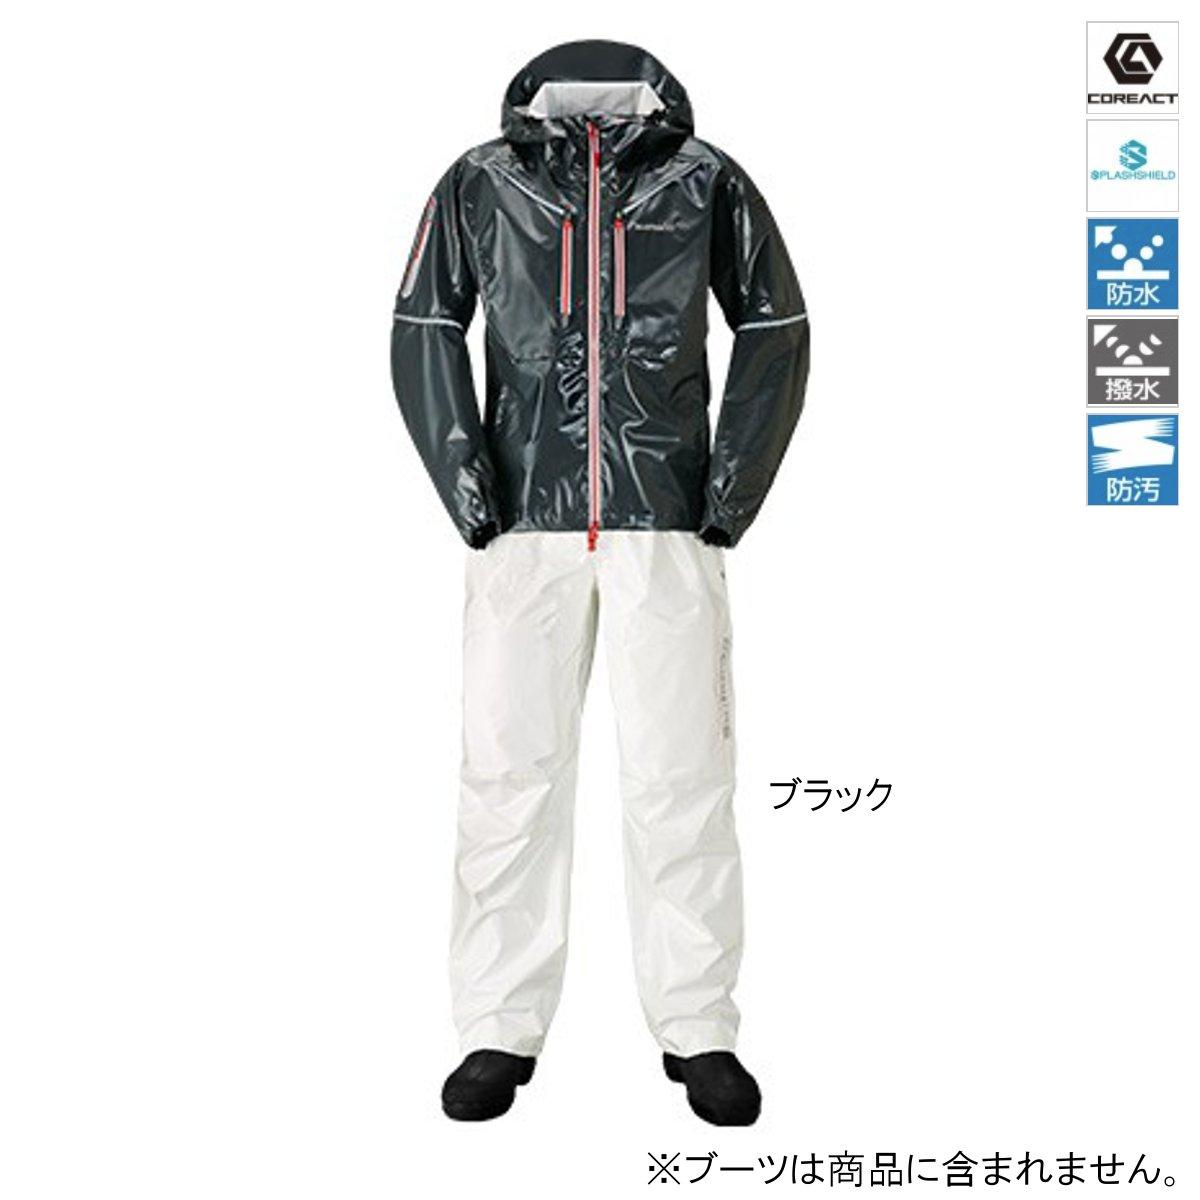 合計11,000円以上ご購入で送料無料 [12dmnb] シマノ SS・3Dマリンスーツ RA-033R 2XL ブラック